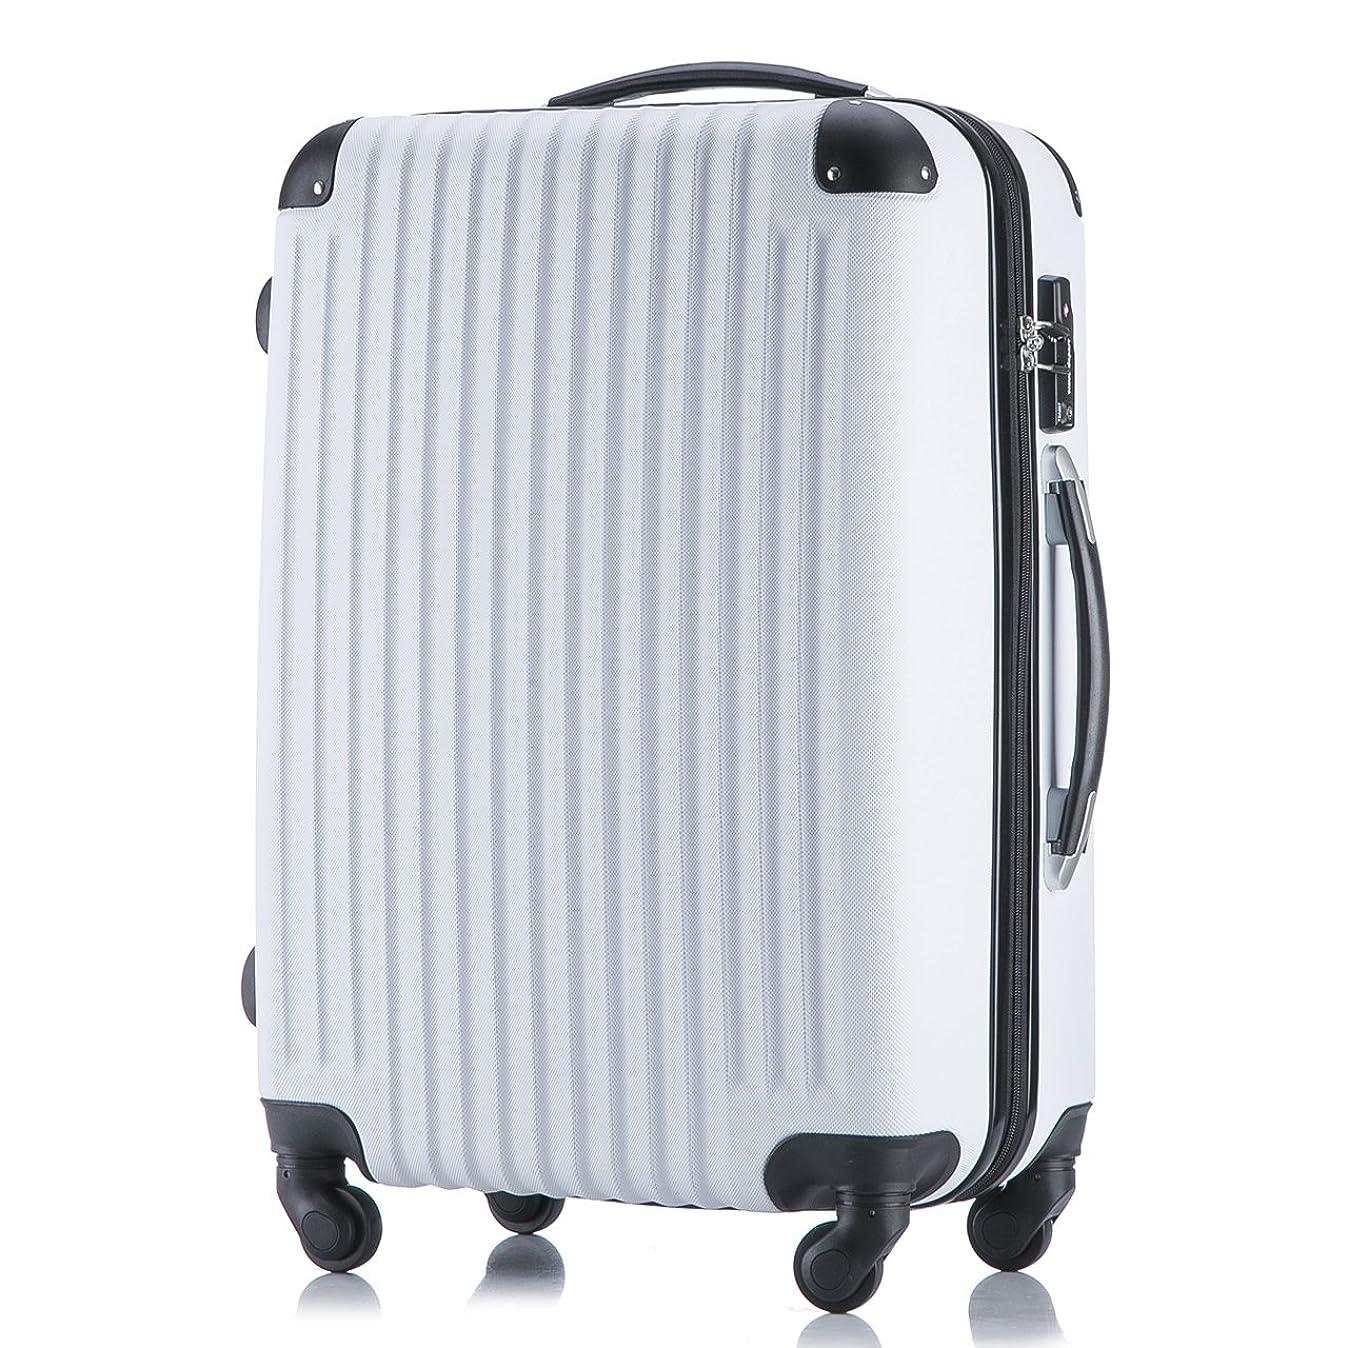 羊悩み以来(トラベルデパート) 安心の3年保証 超軽量スーツケース TSAロック搭載 機内持込み ファスナータイプ ダイヤル式 保管カバー付